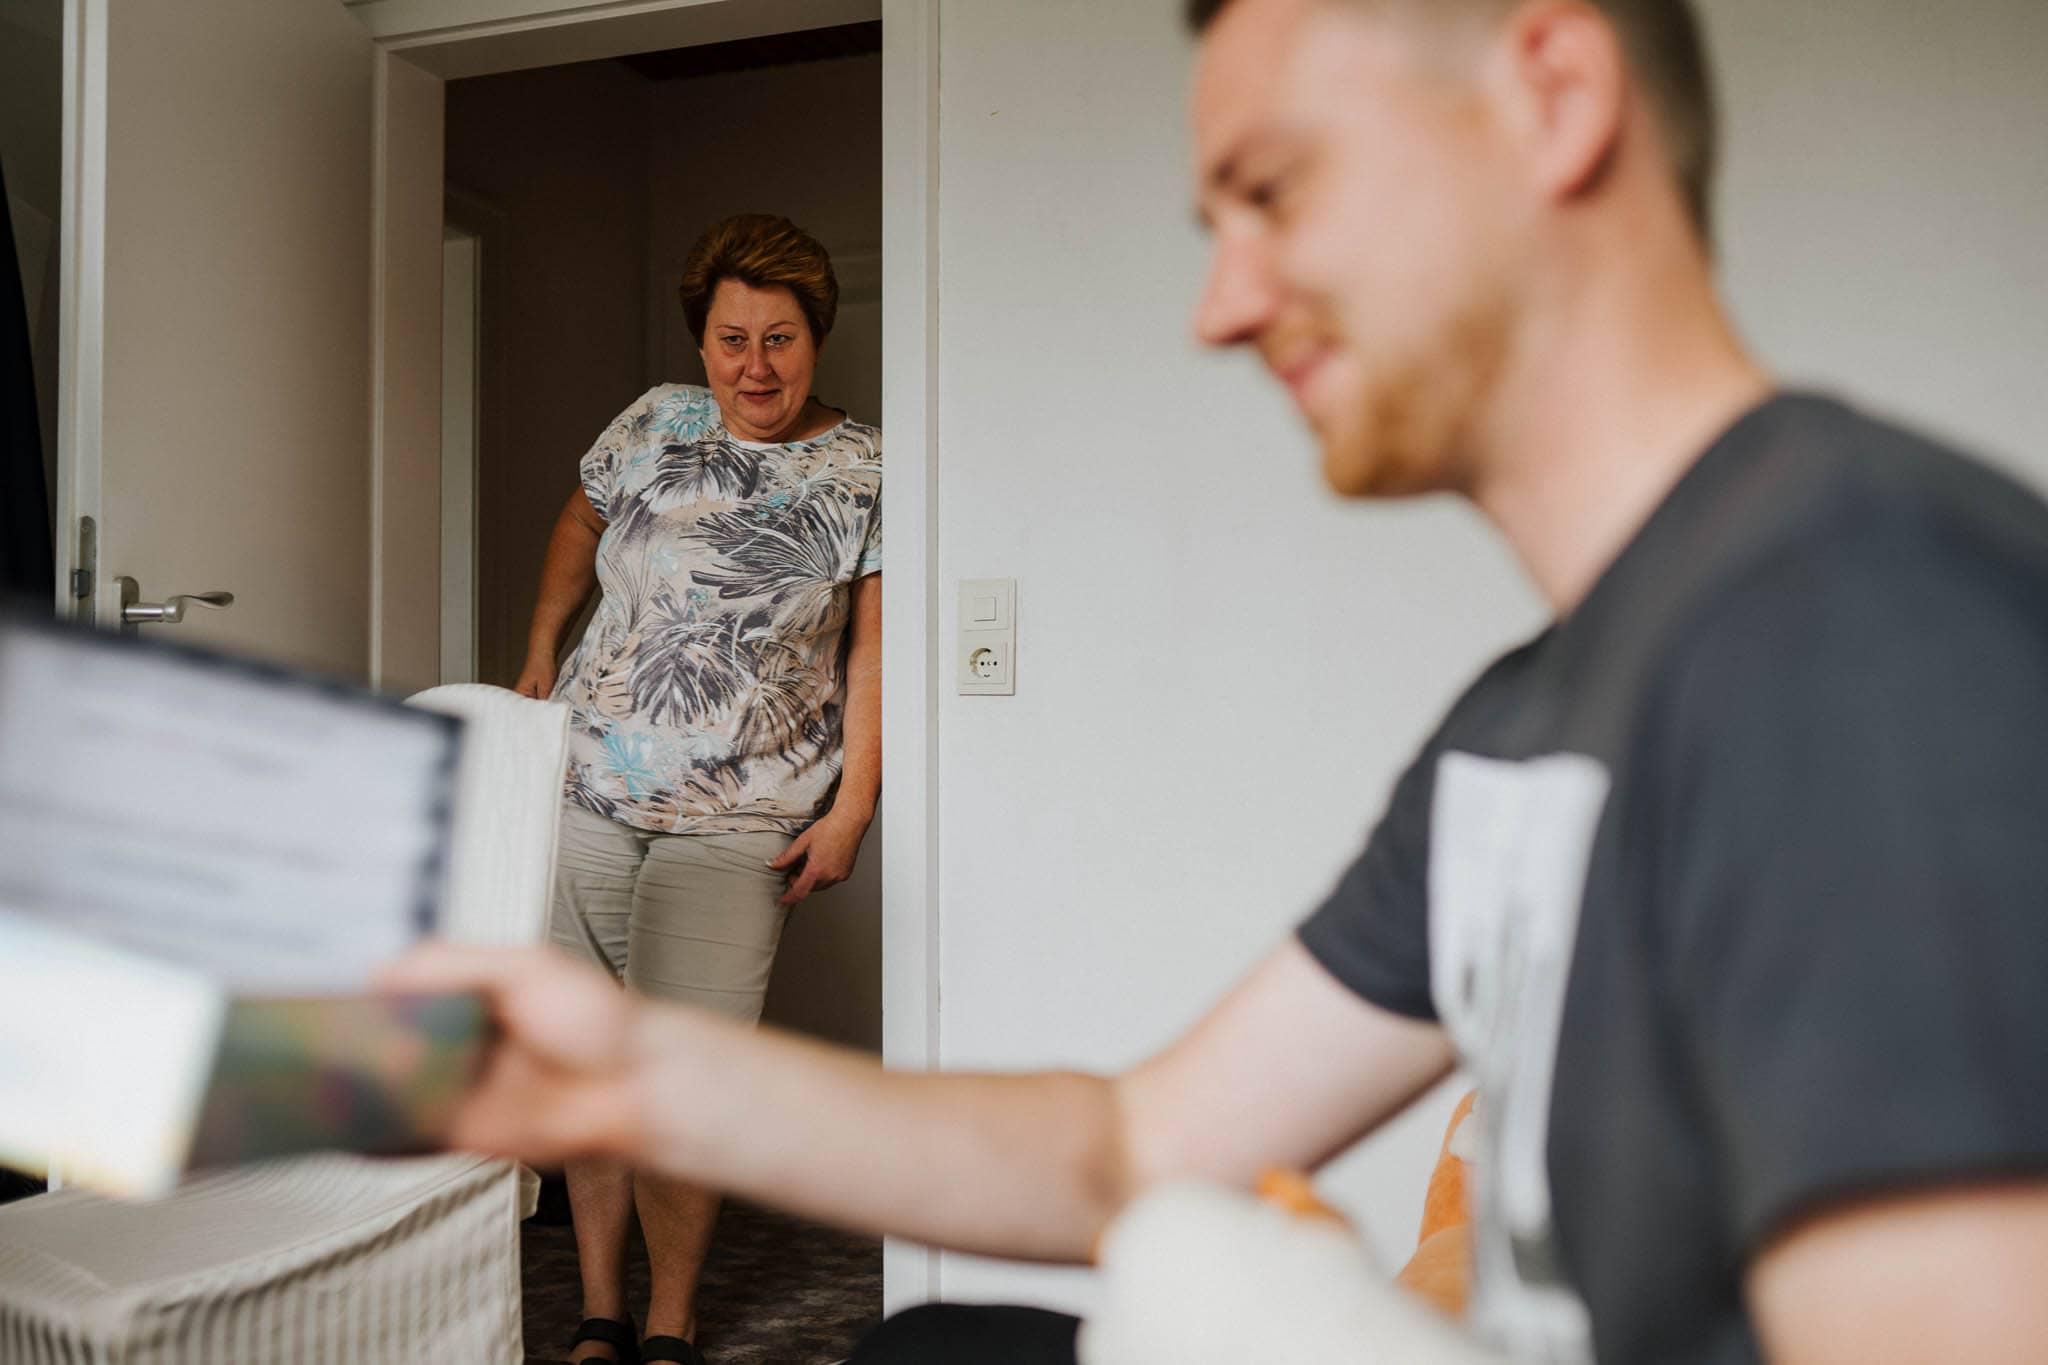 Hochzeitsfieber by Photo-Schomburg, Hoichzeitsfotograf, Hamburg, Wedding, Weddingtime, Hochzeitspaar, Braut, Bräutigam, Hochzeit im Norden,-6